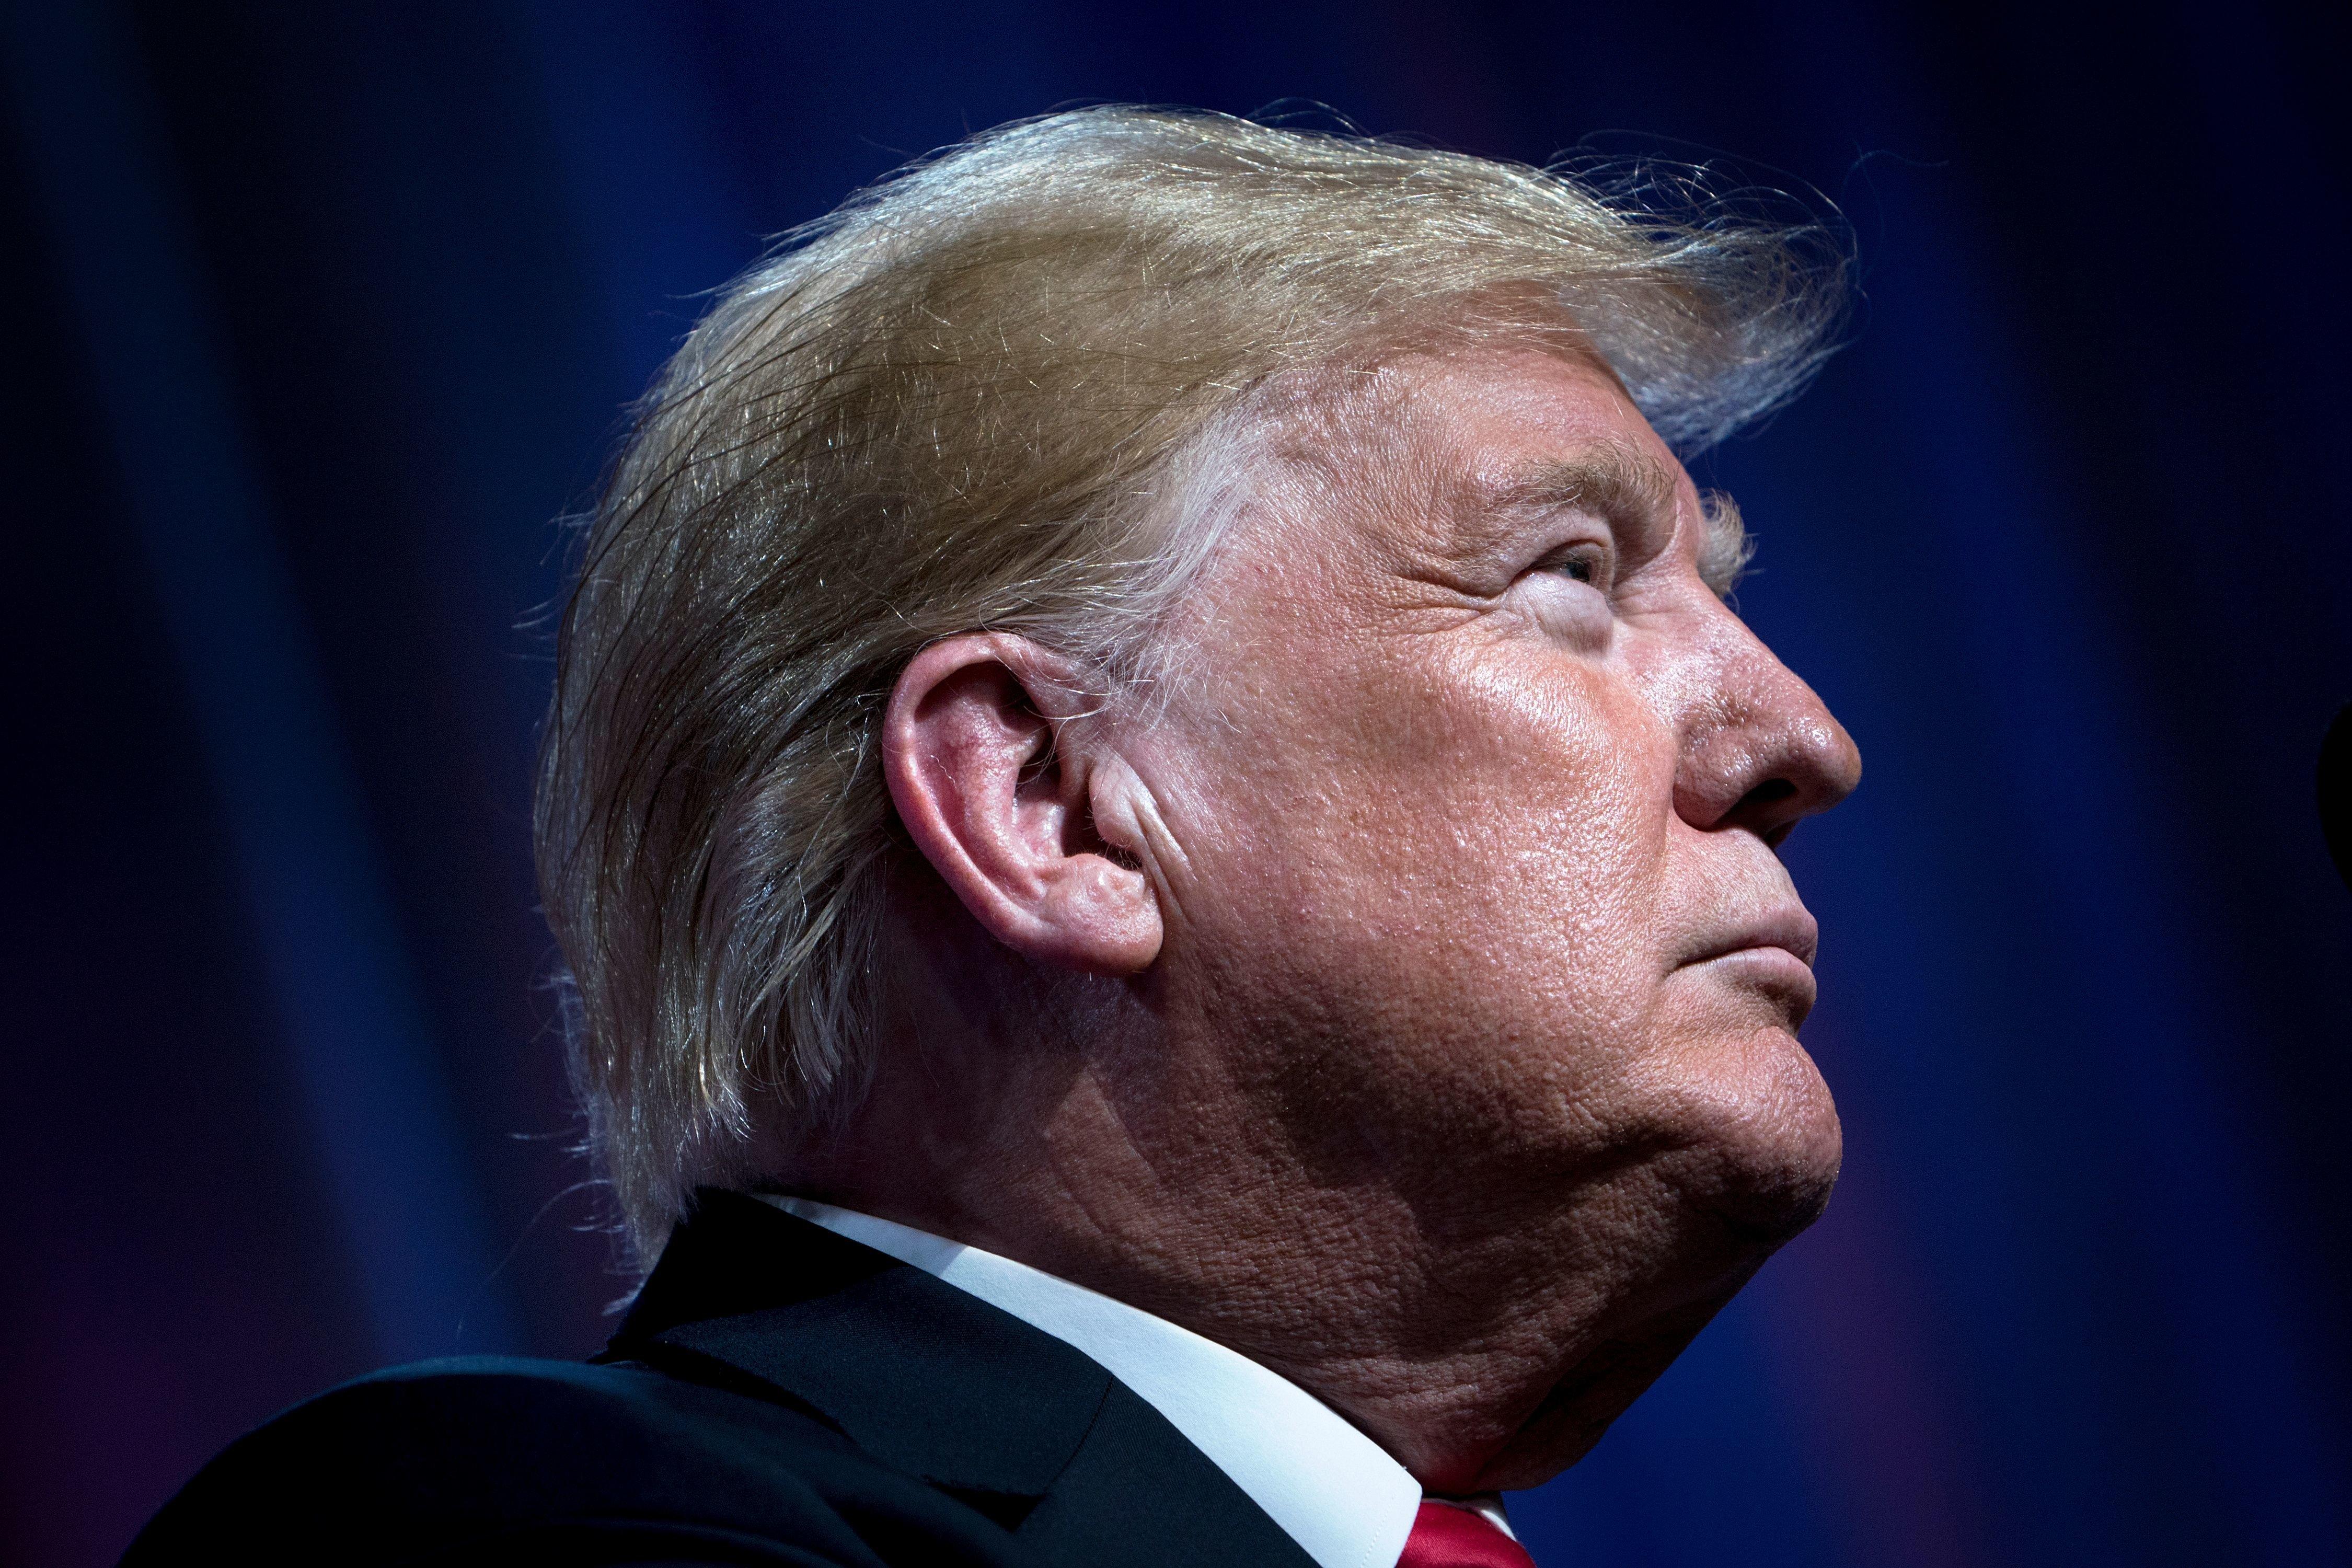 트럼프가 '매케인은 전쟁 영웅' 백악관 추도 메시지를